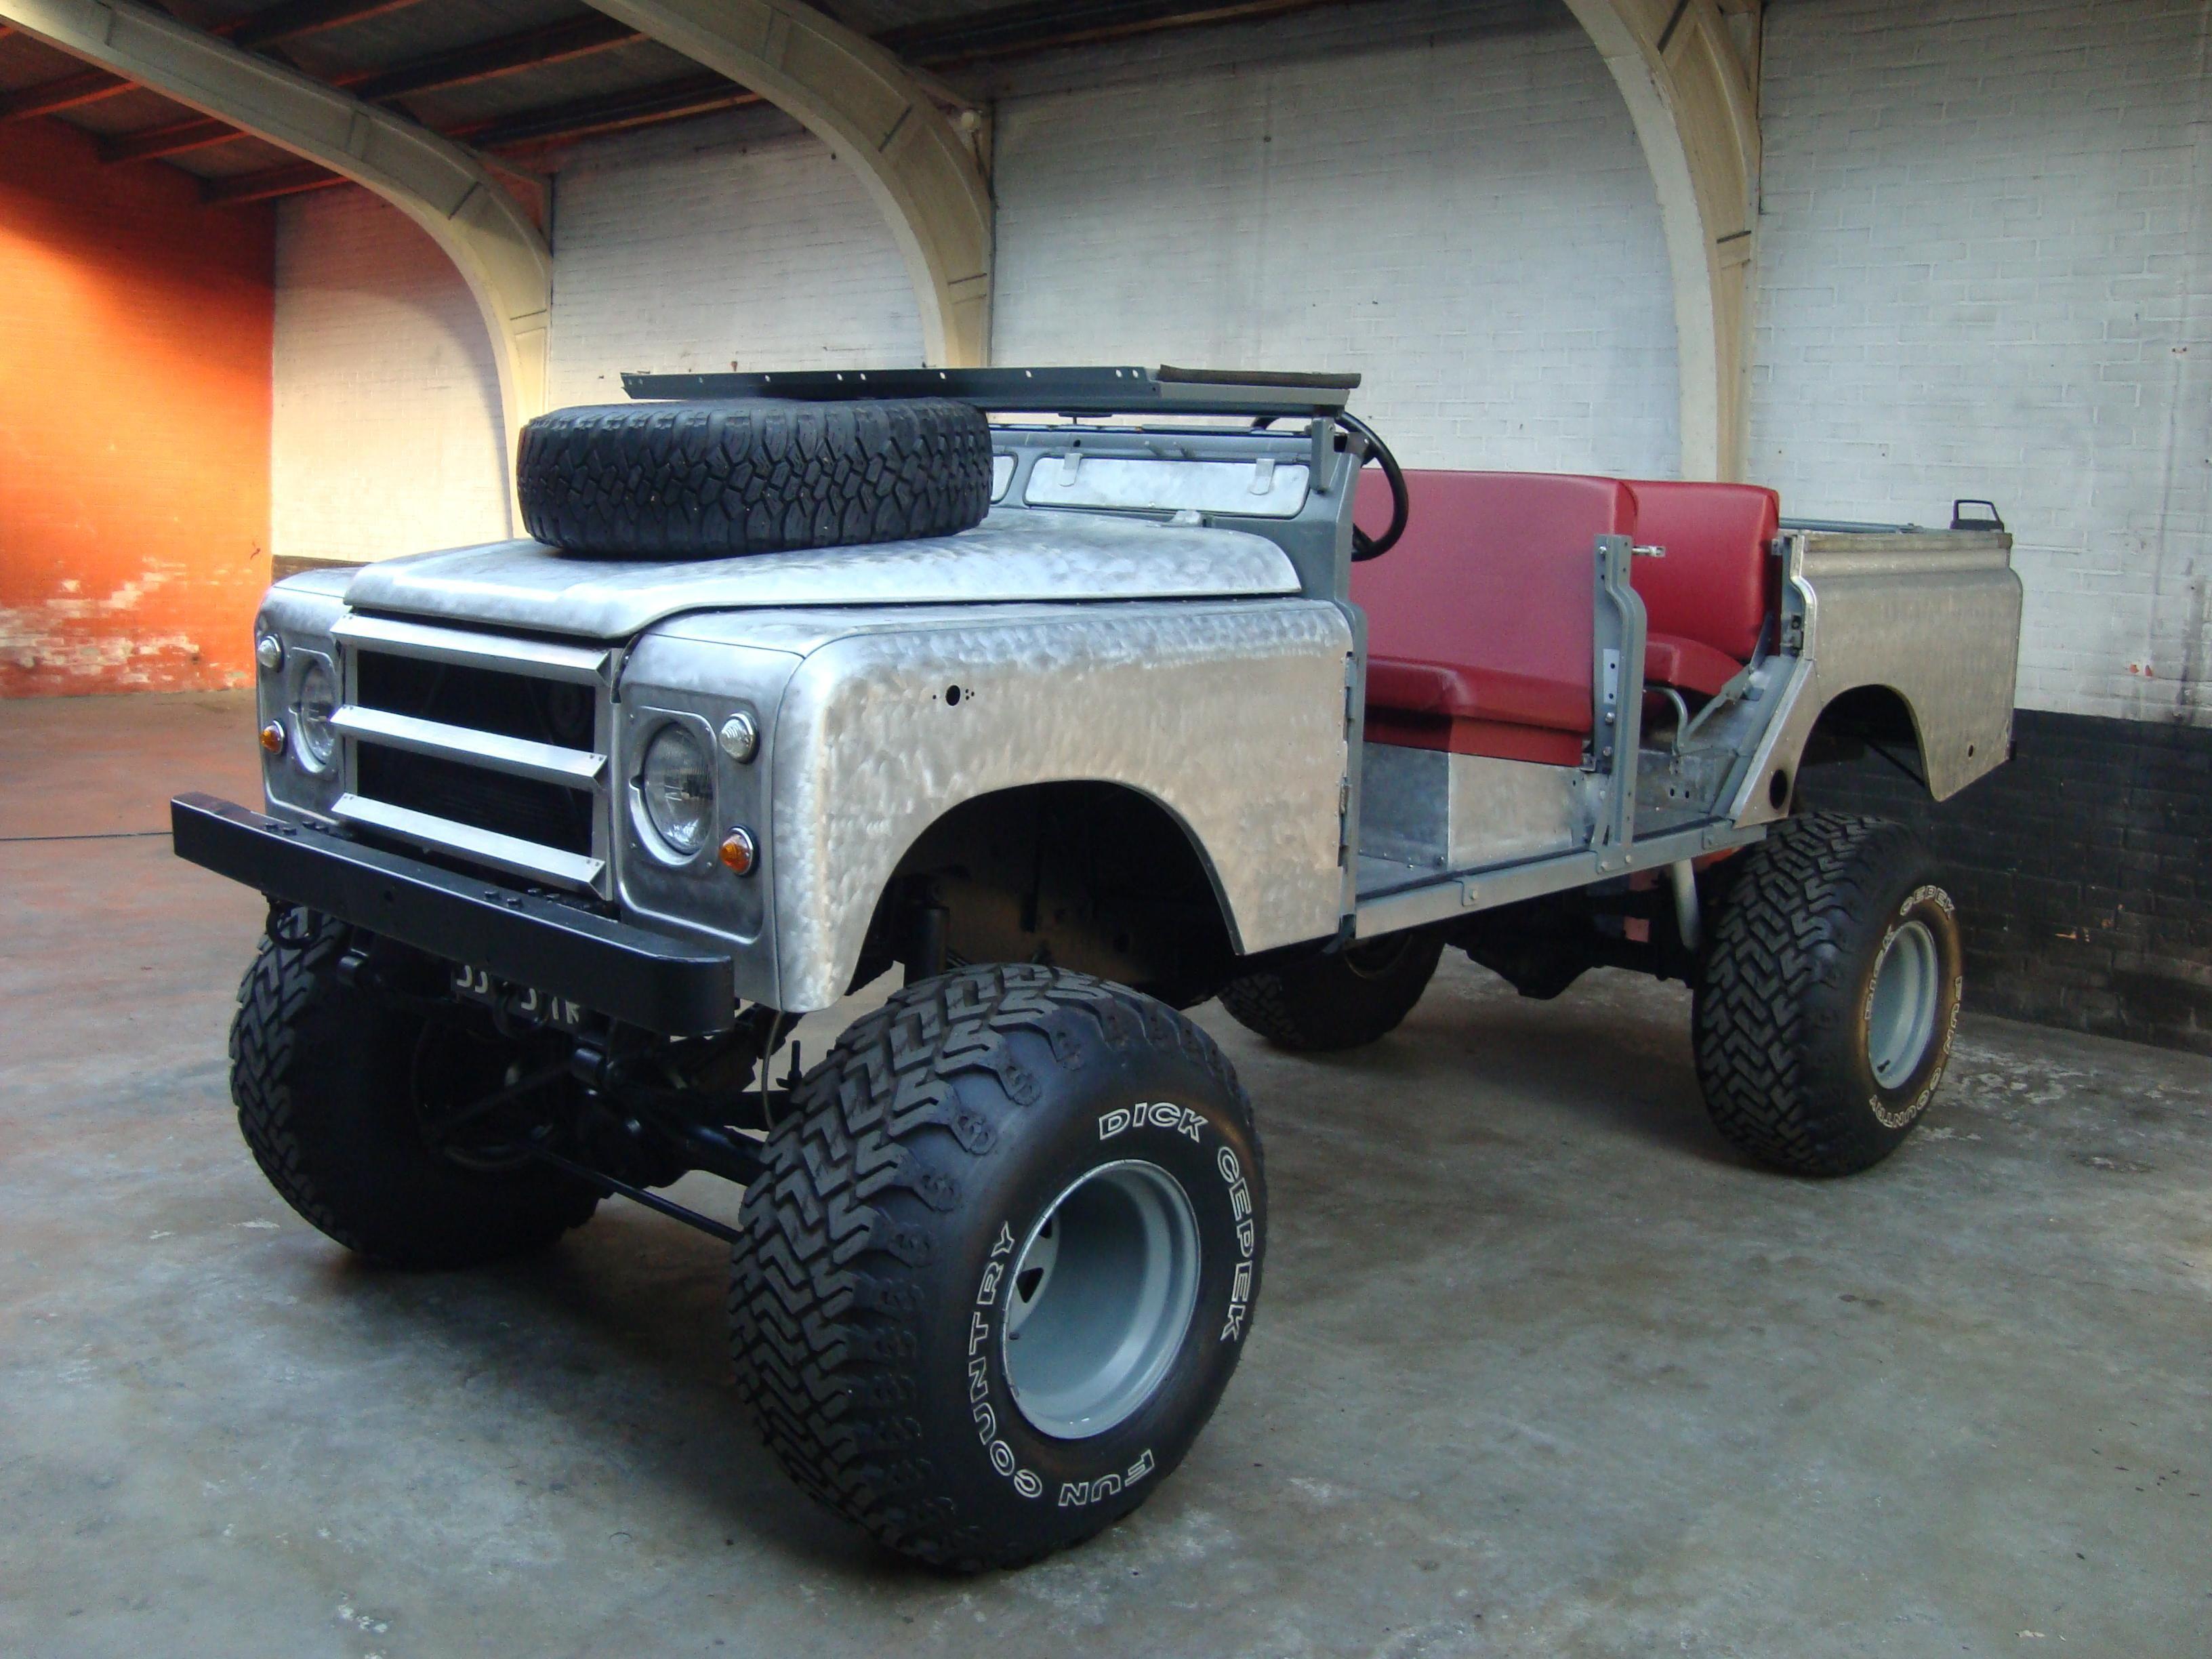 land rover 109 crew cab raw one o nine v8 station wagon pick up 88 90 110 130 4x4 vintage. Black Bedroom Furniture Sets. Home Design Ideas